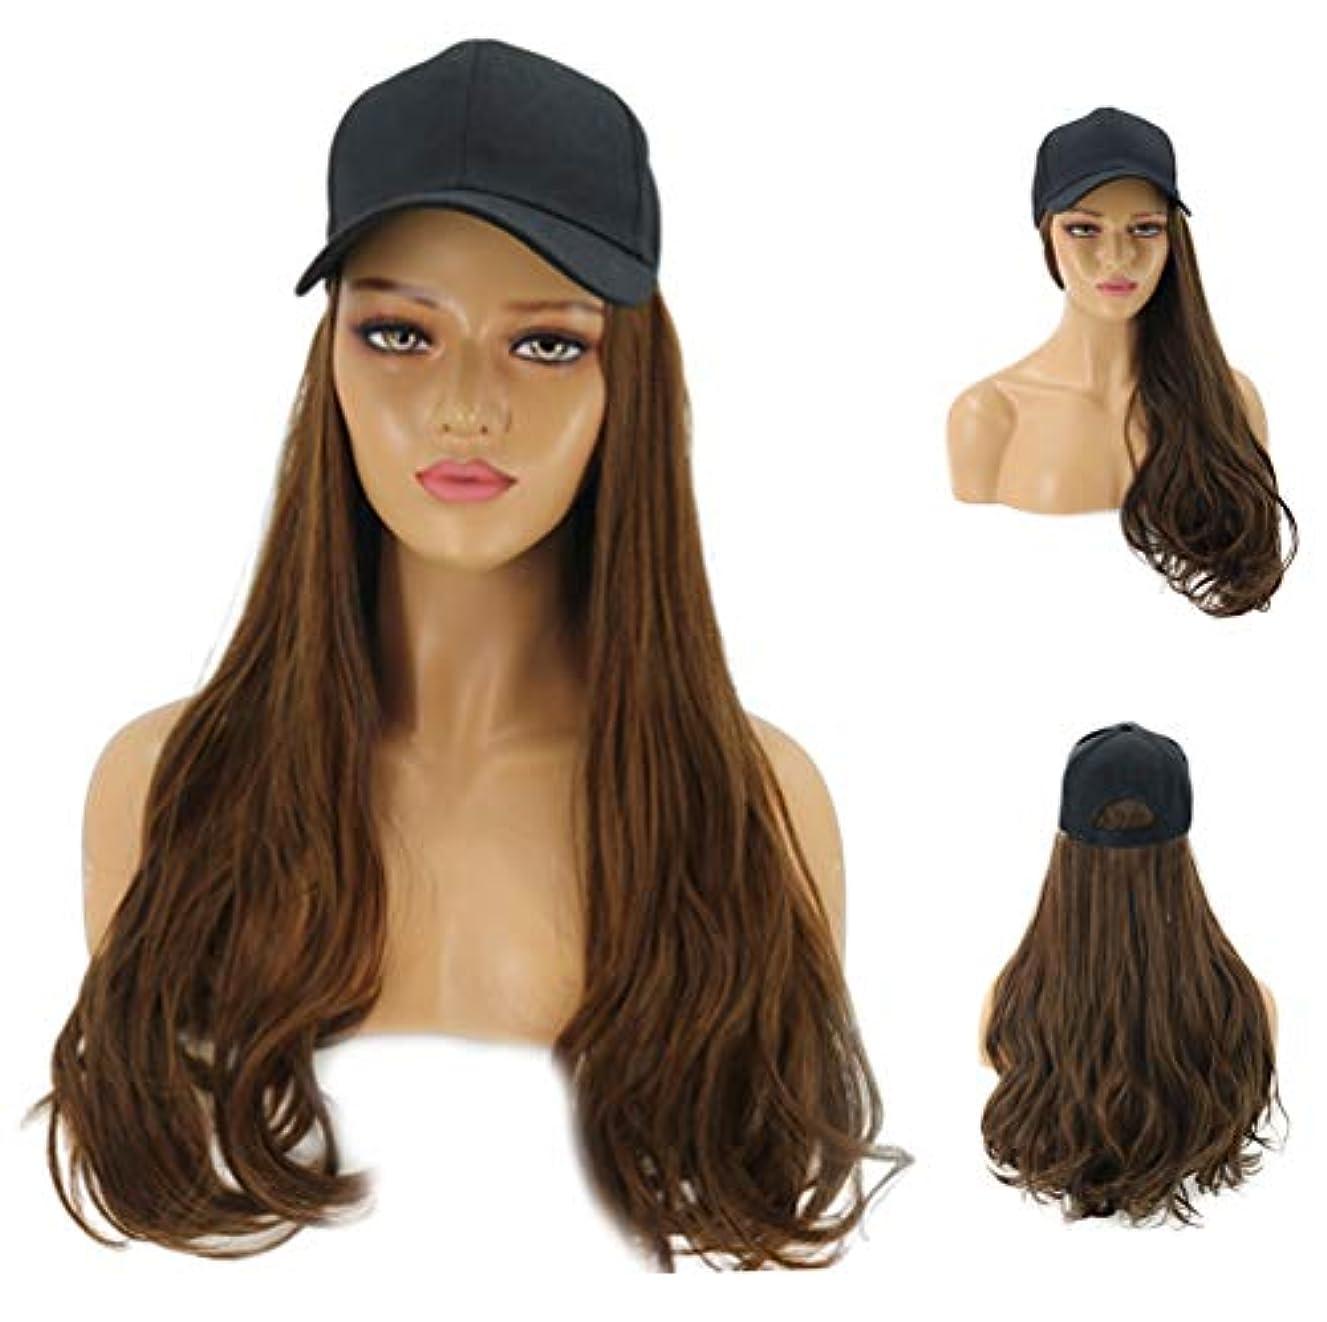 平和くすぐったいもつれ女性のファッショナブルな野球帽、長いウェーブのかかった髪の拡張機能、毎日のパーティー用の黒い帽子が付いた自然な人工毛